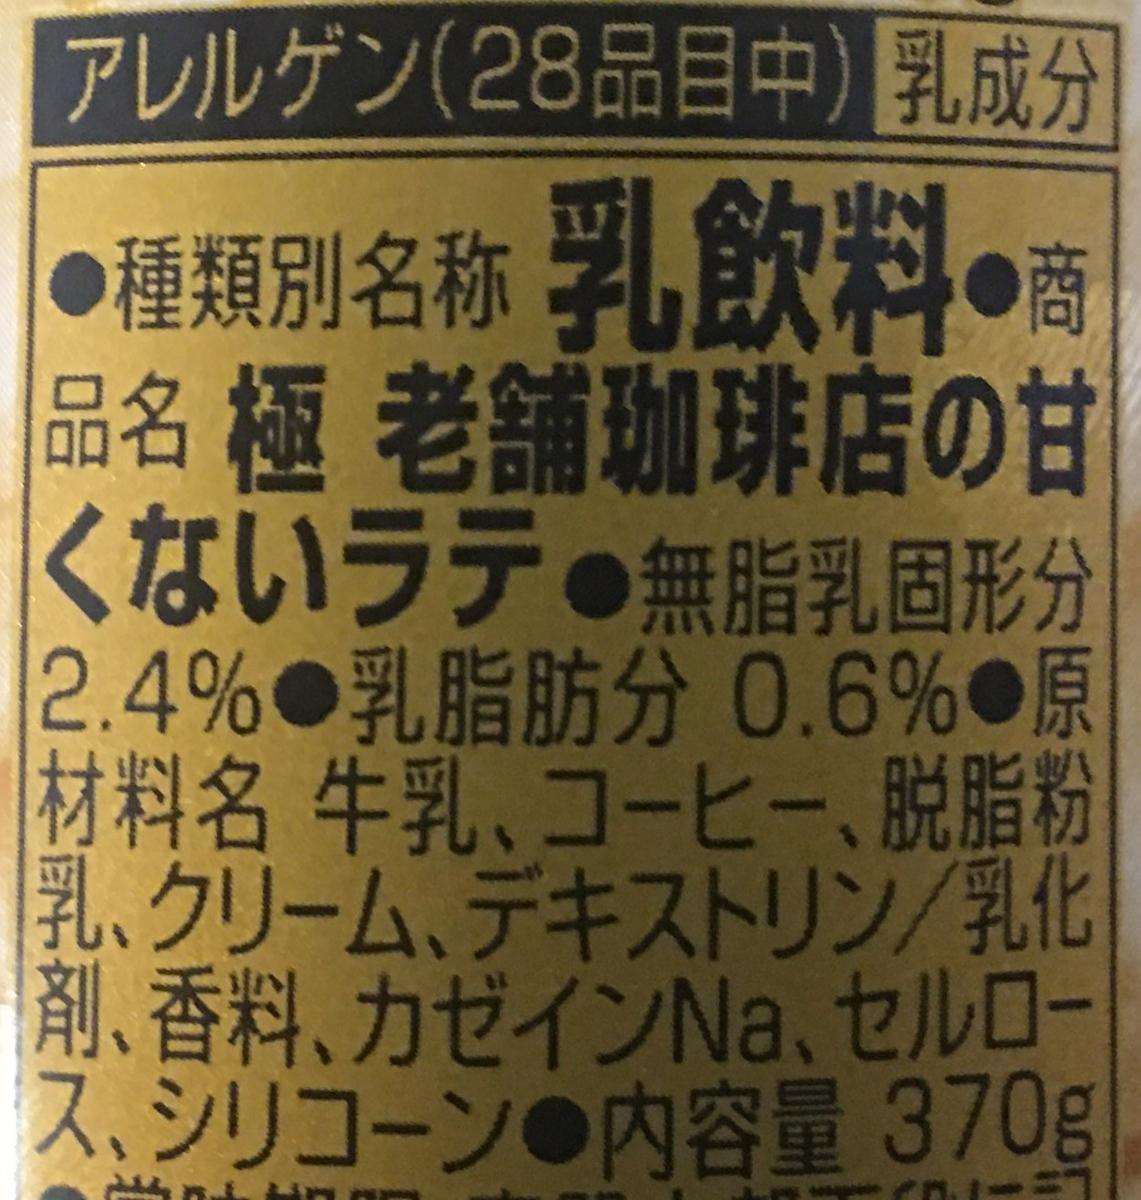 f:id:YOSHIO1010:20200531142148j:plain